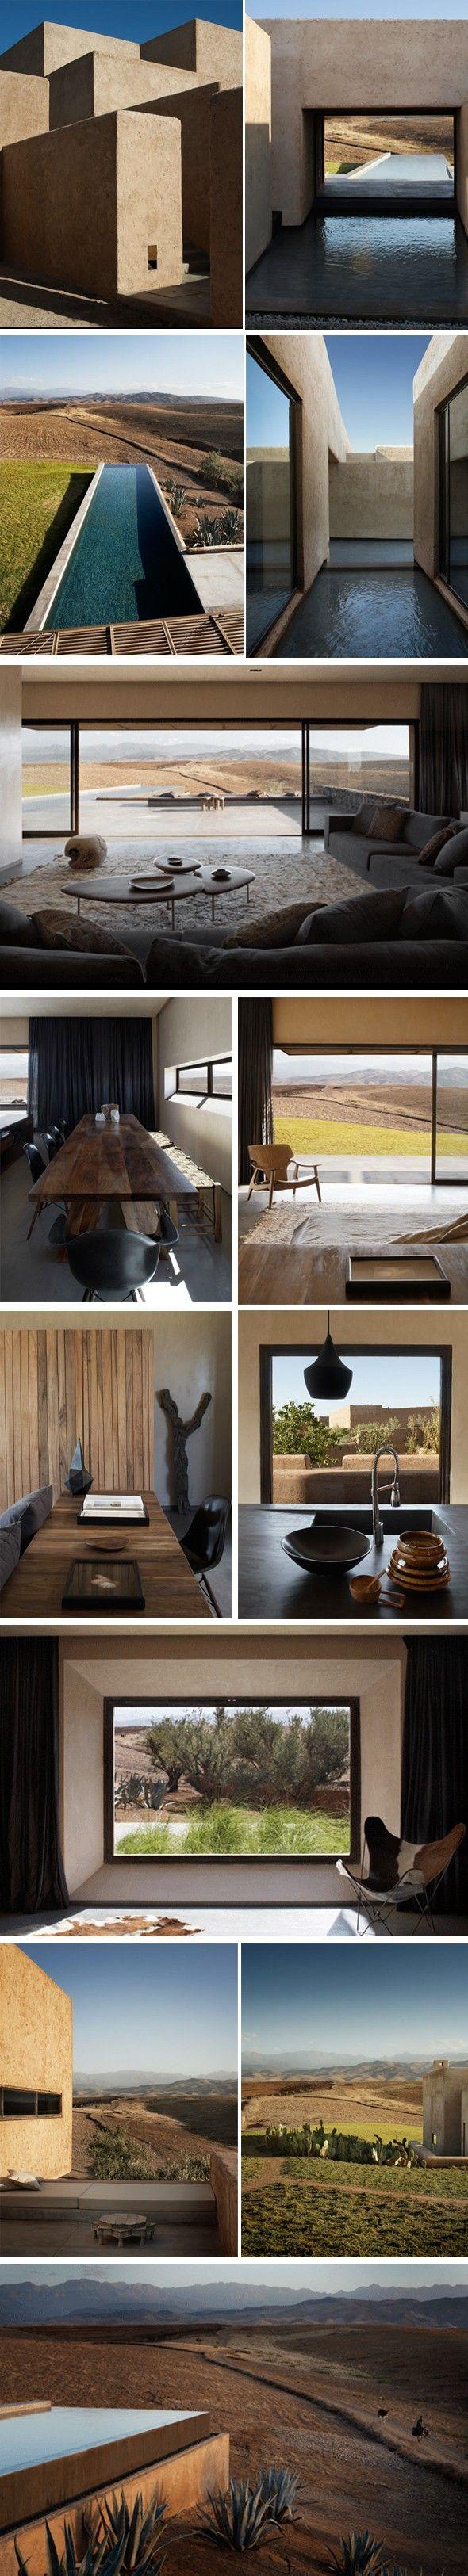 Maison contemporaine au Maroc Les architectes français Karl Fournier et Olivier Marty du studio KO de l'antenne de Marrakech ont réalisé la Villa K. De l'e